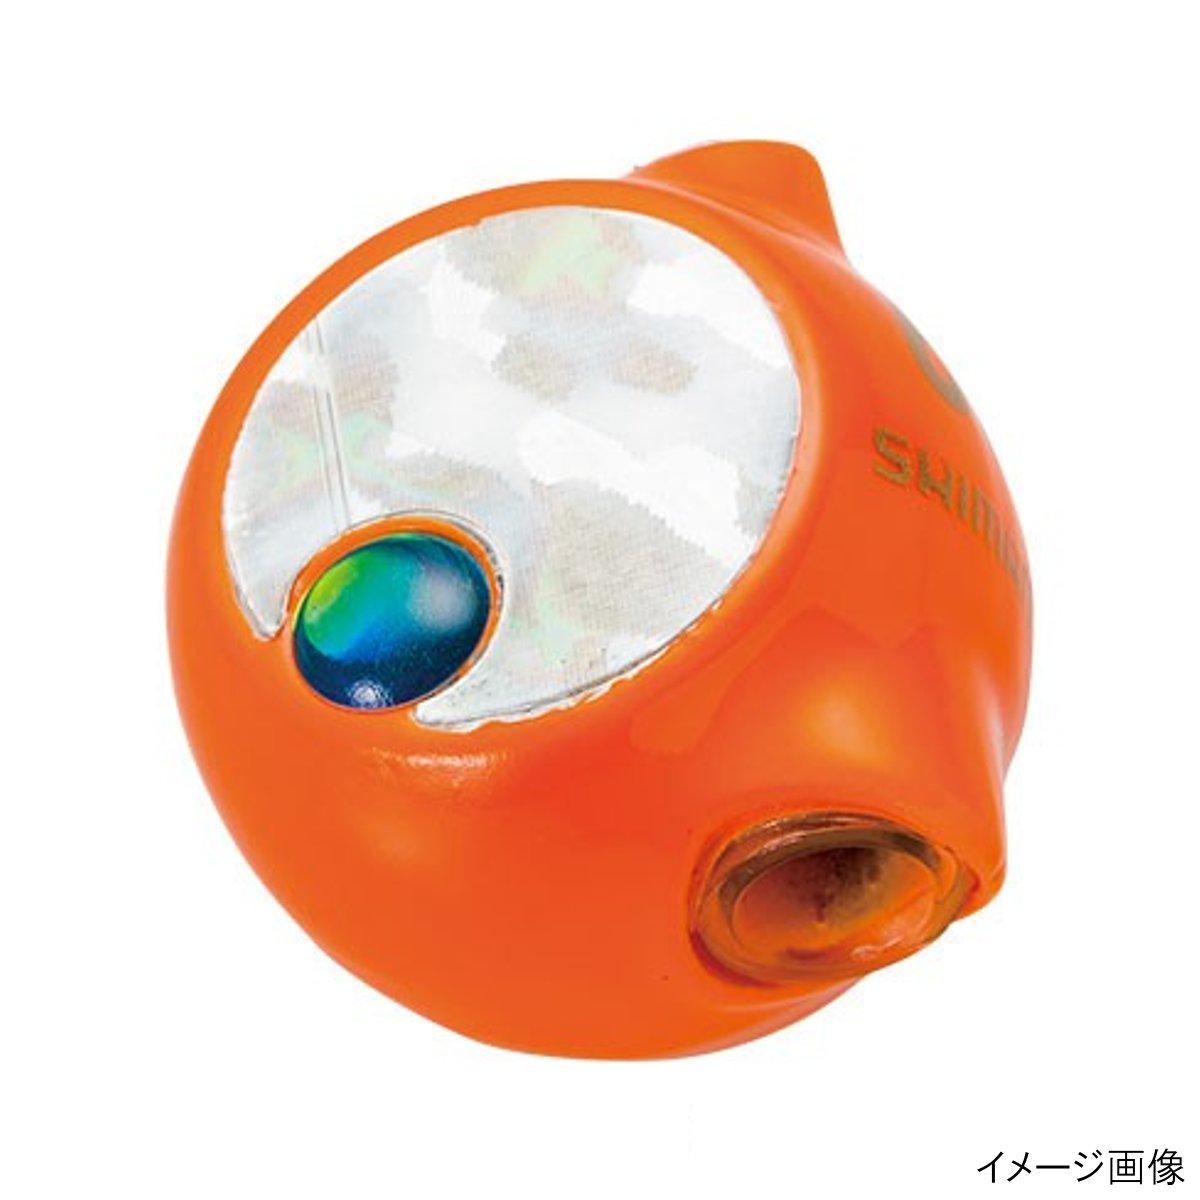 シマノ 炎月 タイガーバクバク ヘッド EJ-520Q 200g 01J(フラッシュオレンジ)